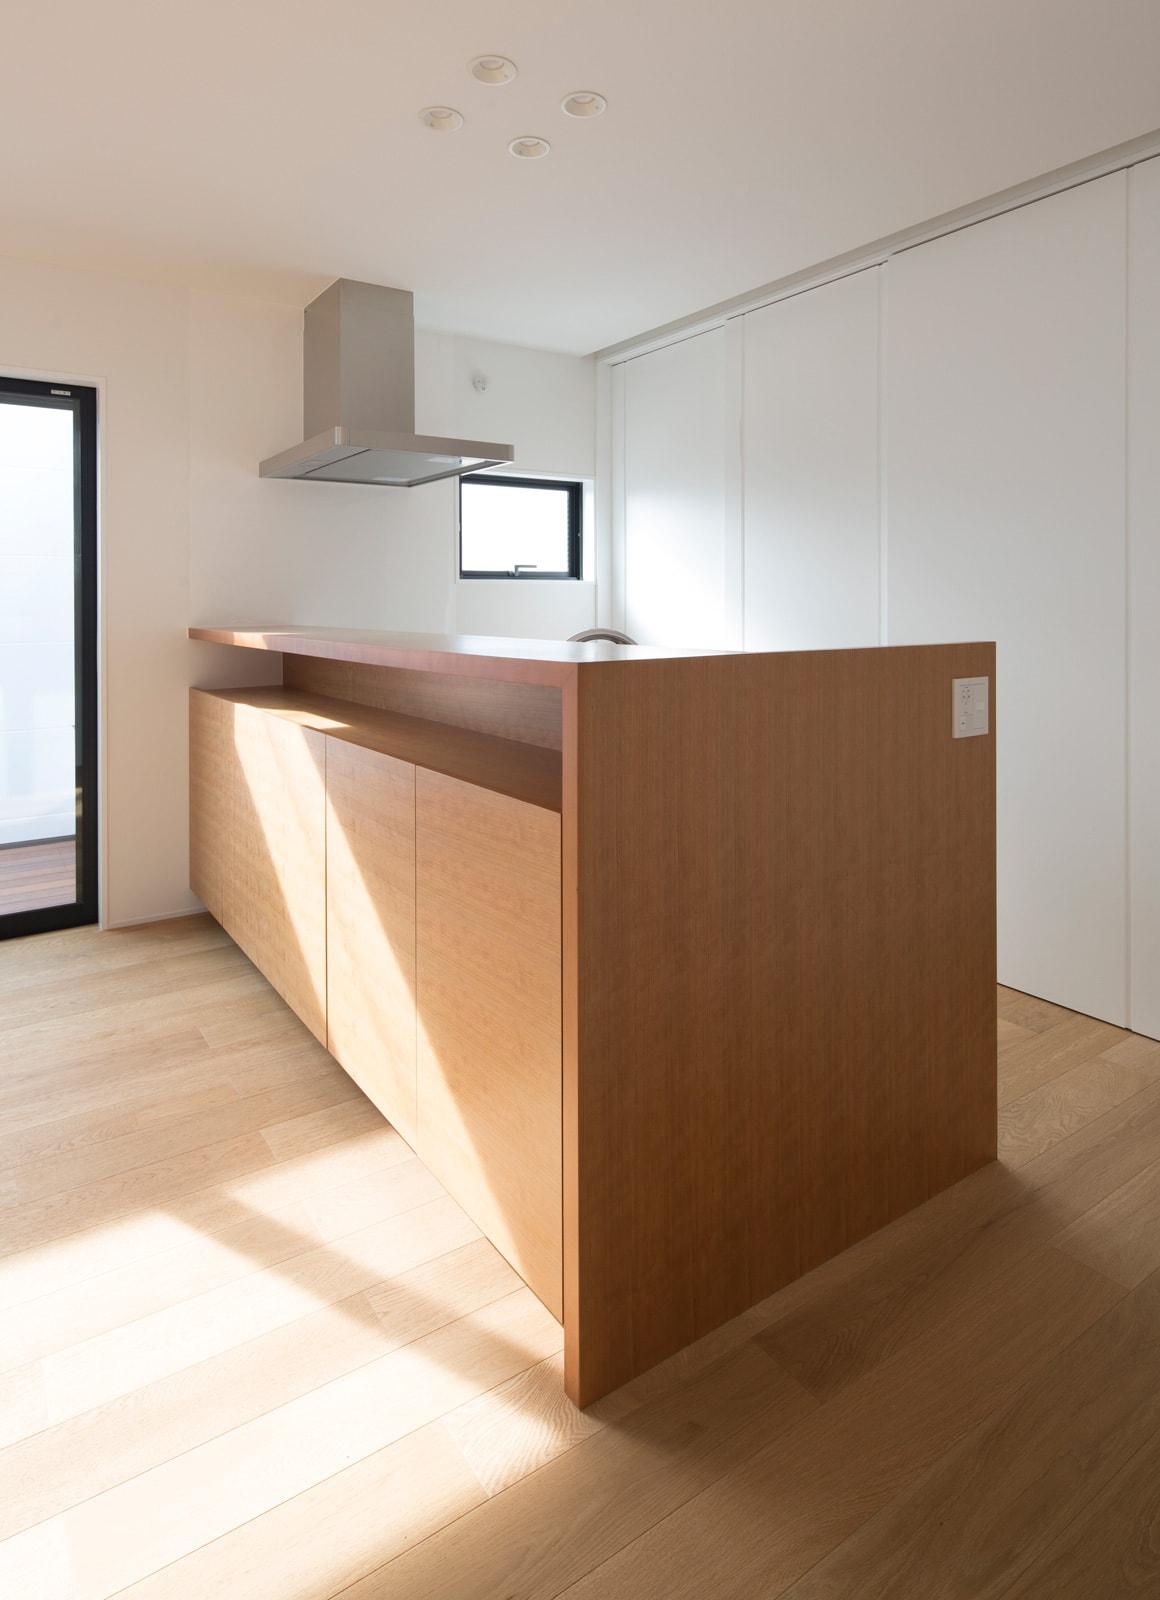 ベーシックインナーテラスハウスのキッチン1